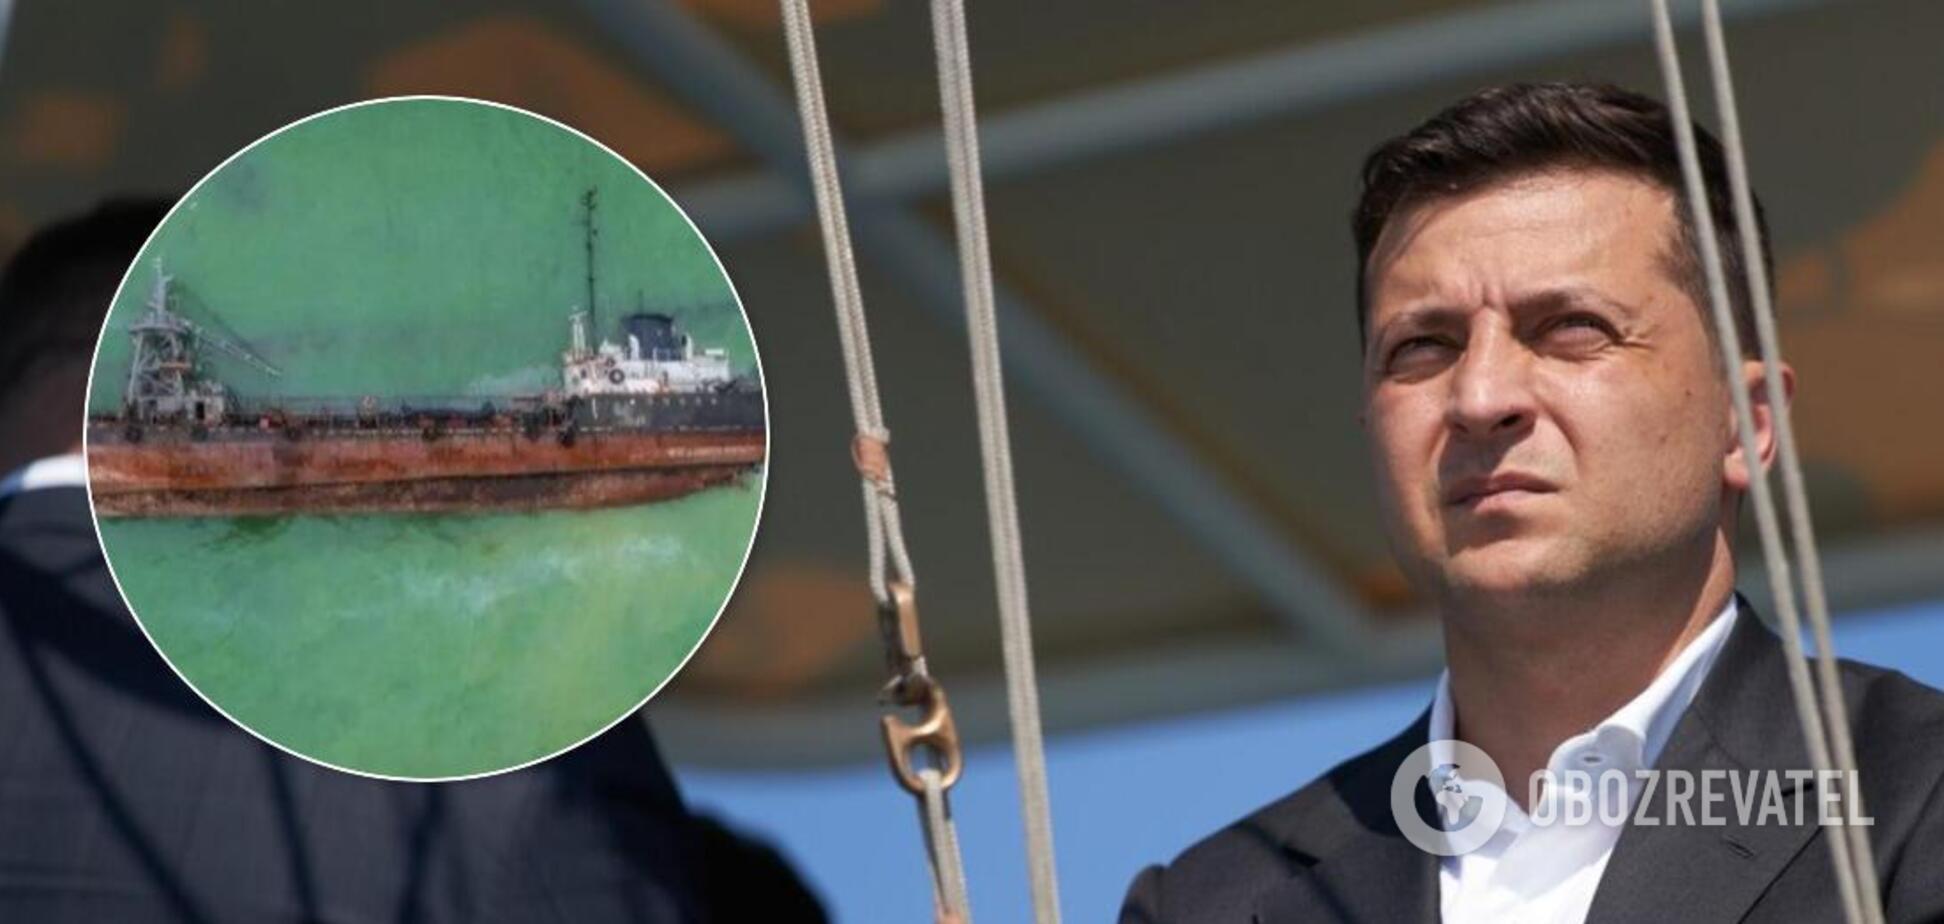 Зеленський – про НП з танкером Delfi: показуємо, що ми імпотентна влада